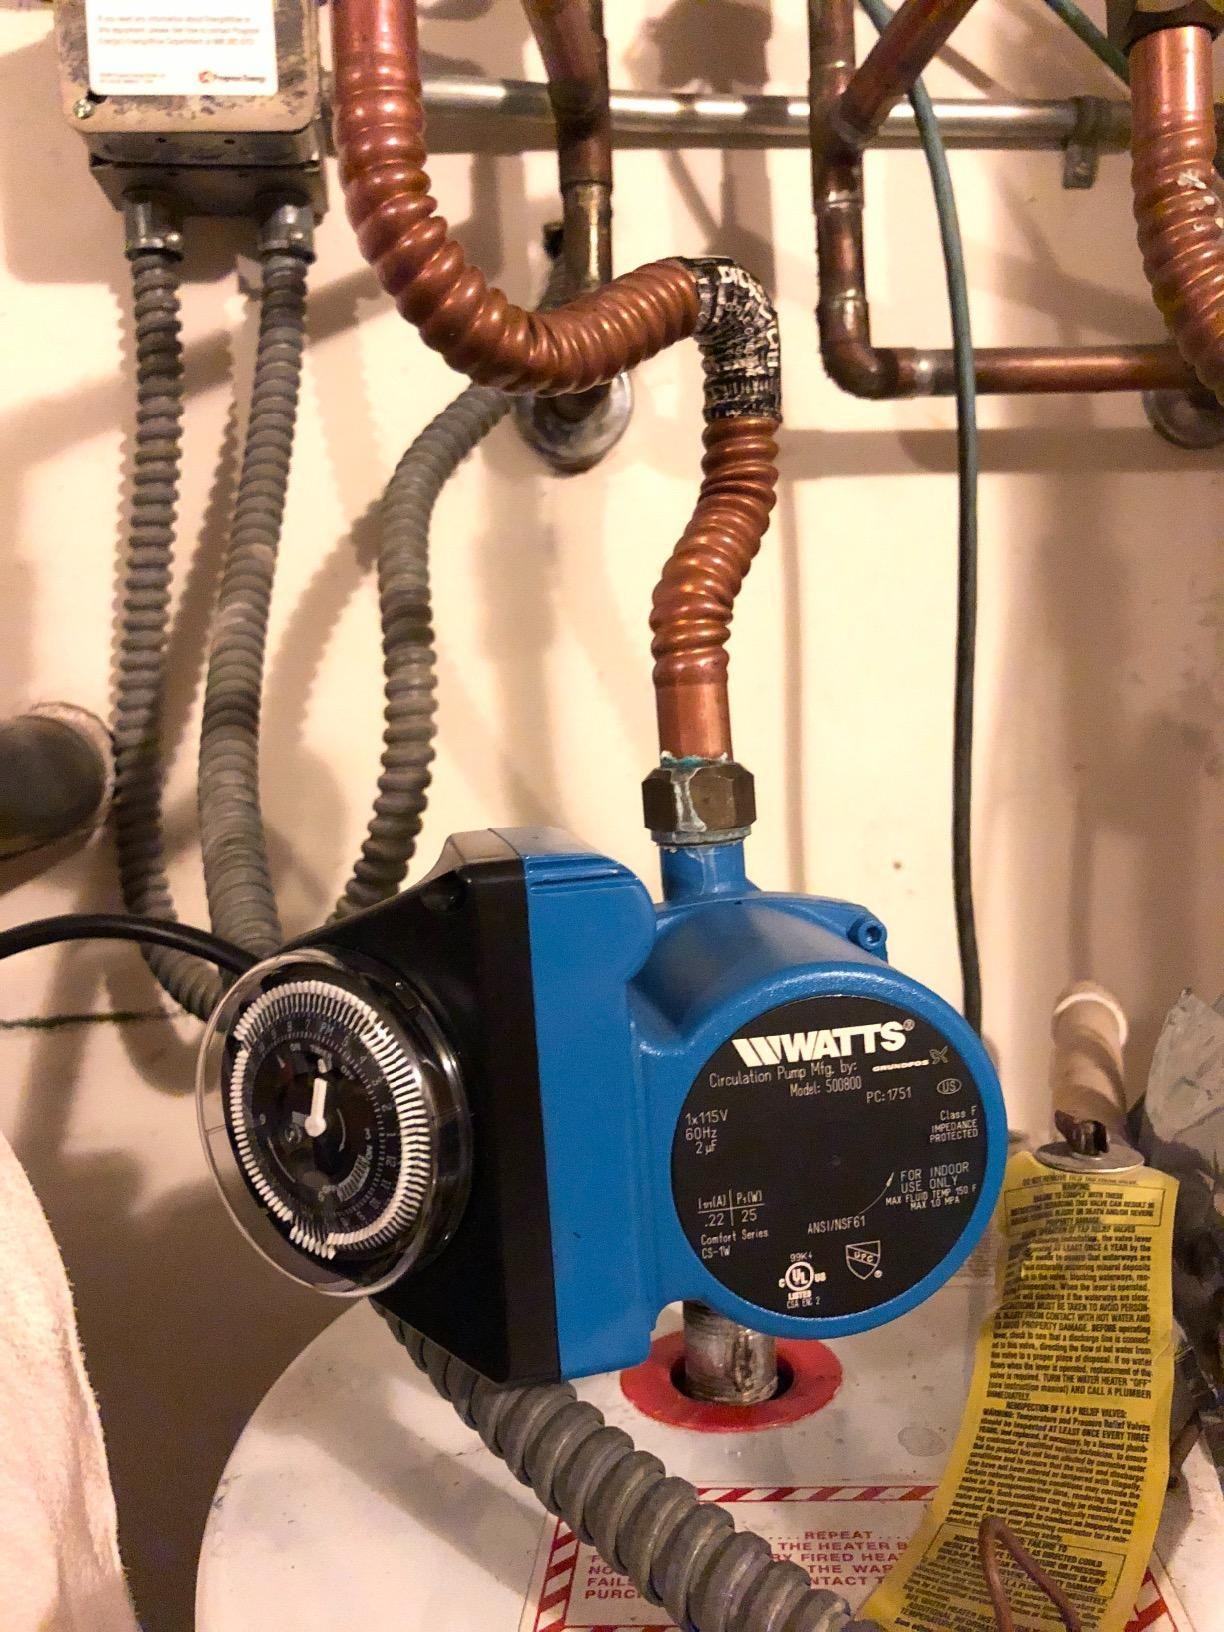 Best Hot Water Recirculating Pump Reviews In 2020 Hot Water Recirculating Pump Tankless Hot Water Heater Hot Water